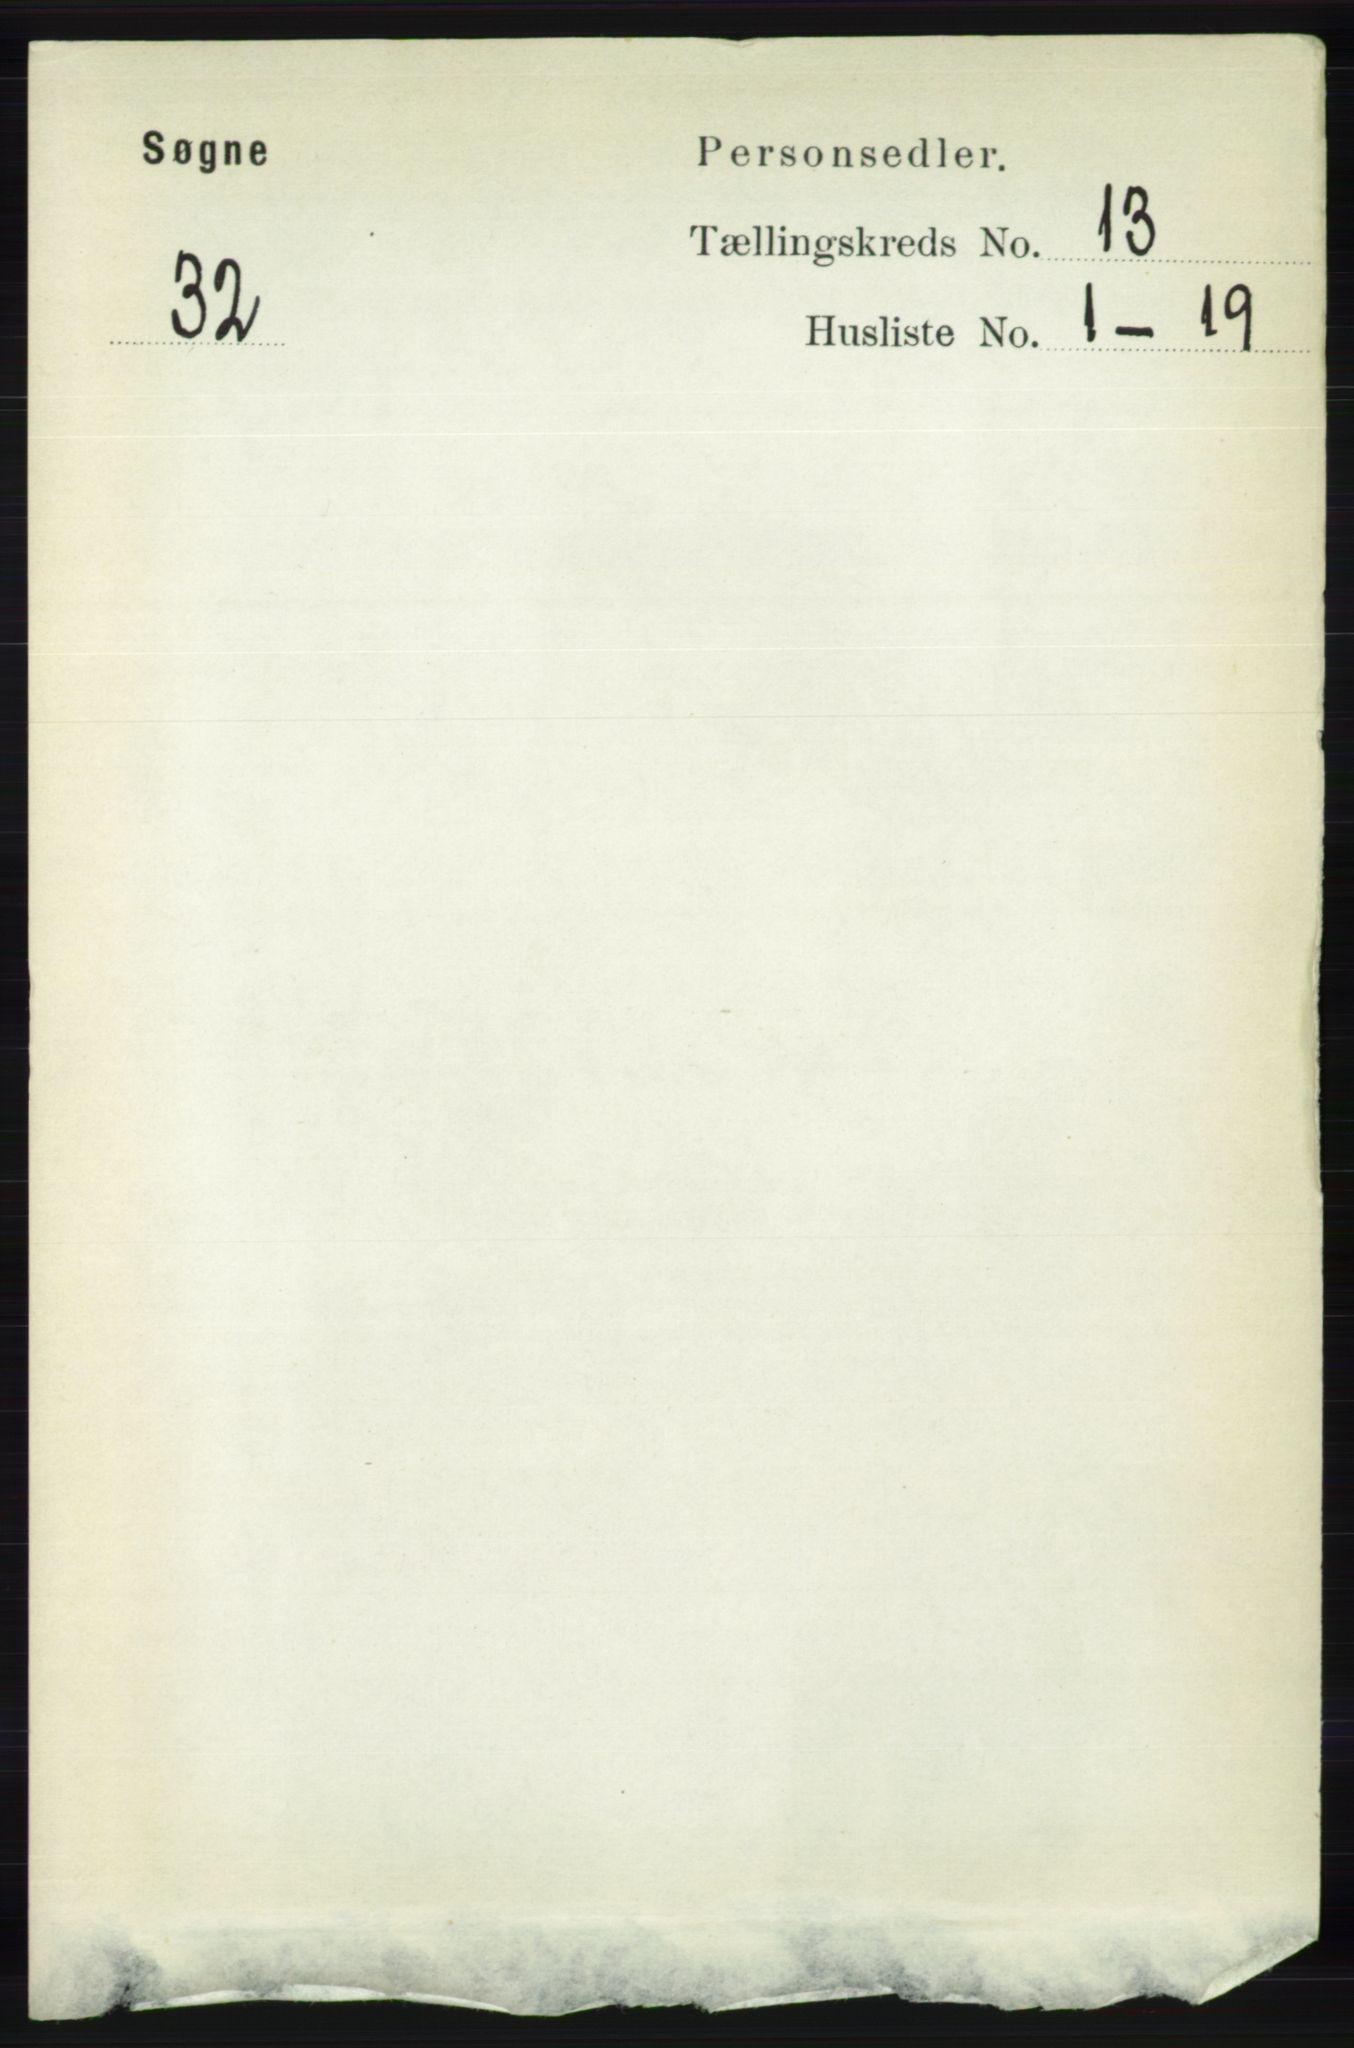 RA, Folketelling 1891 for 1018 Søgne herred, 1891, s. 3211